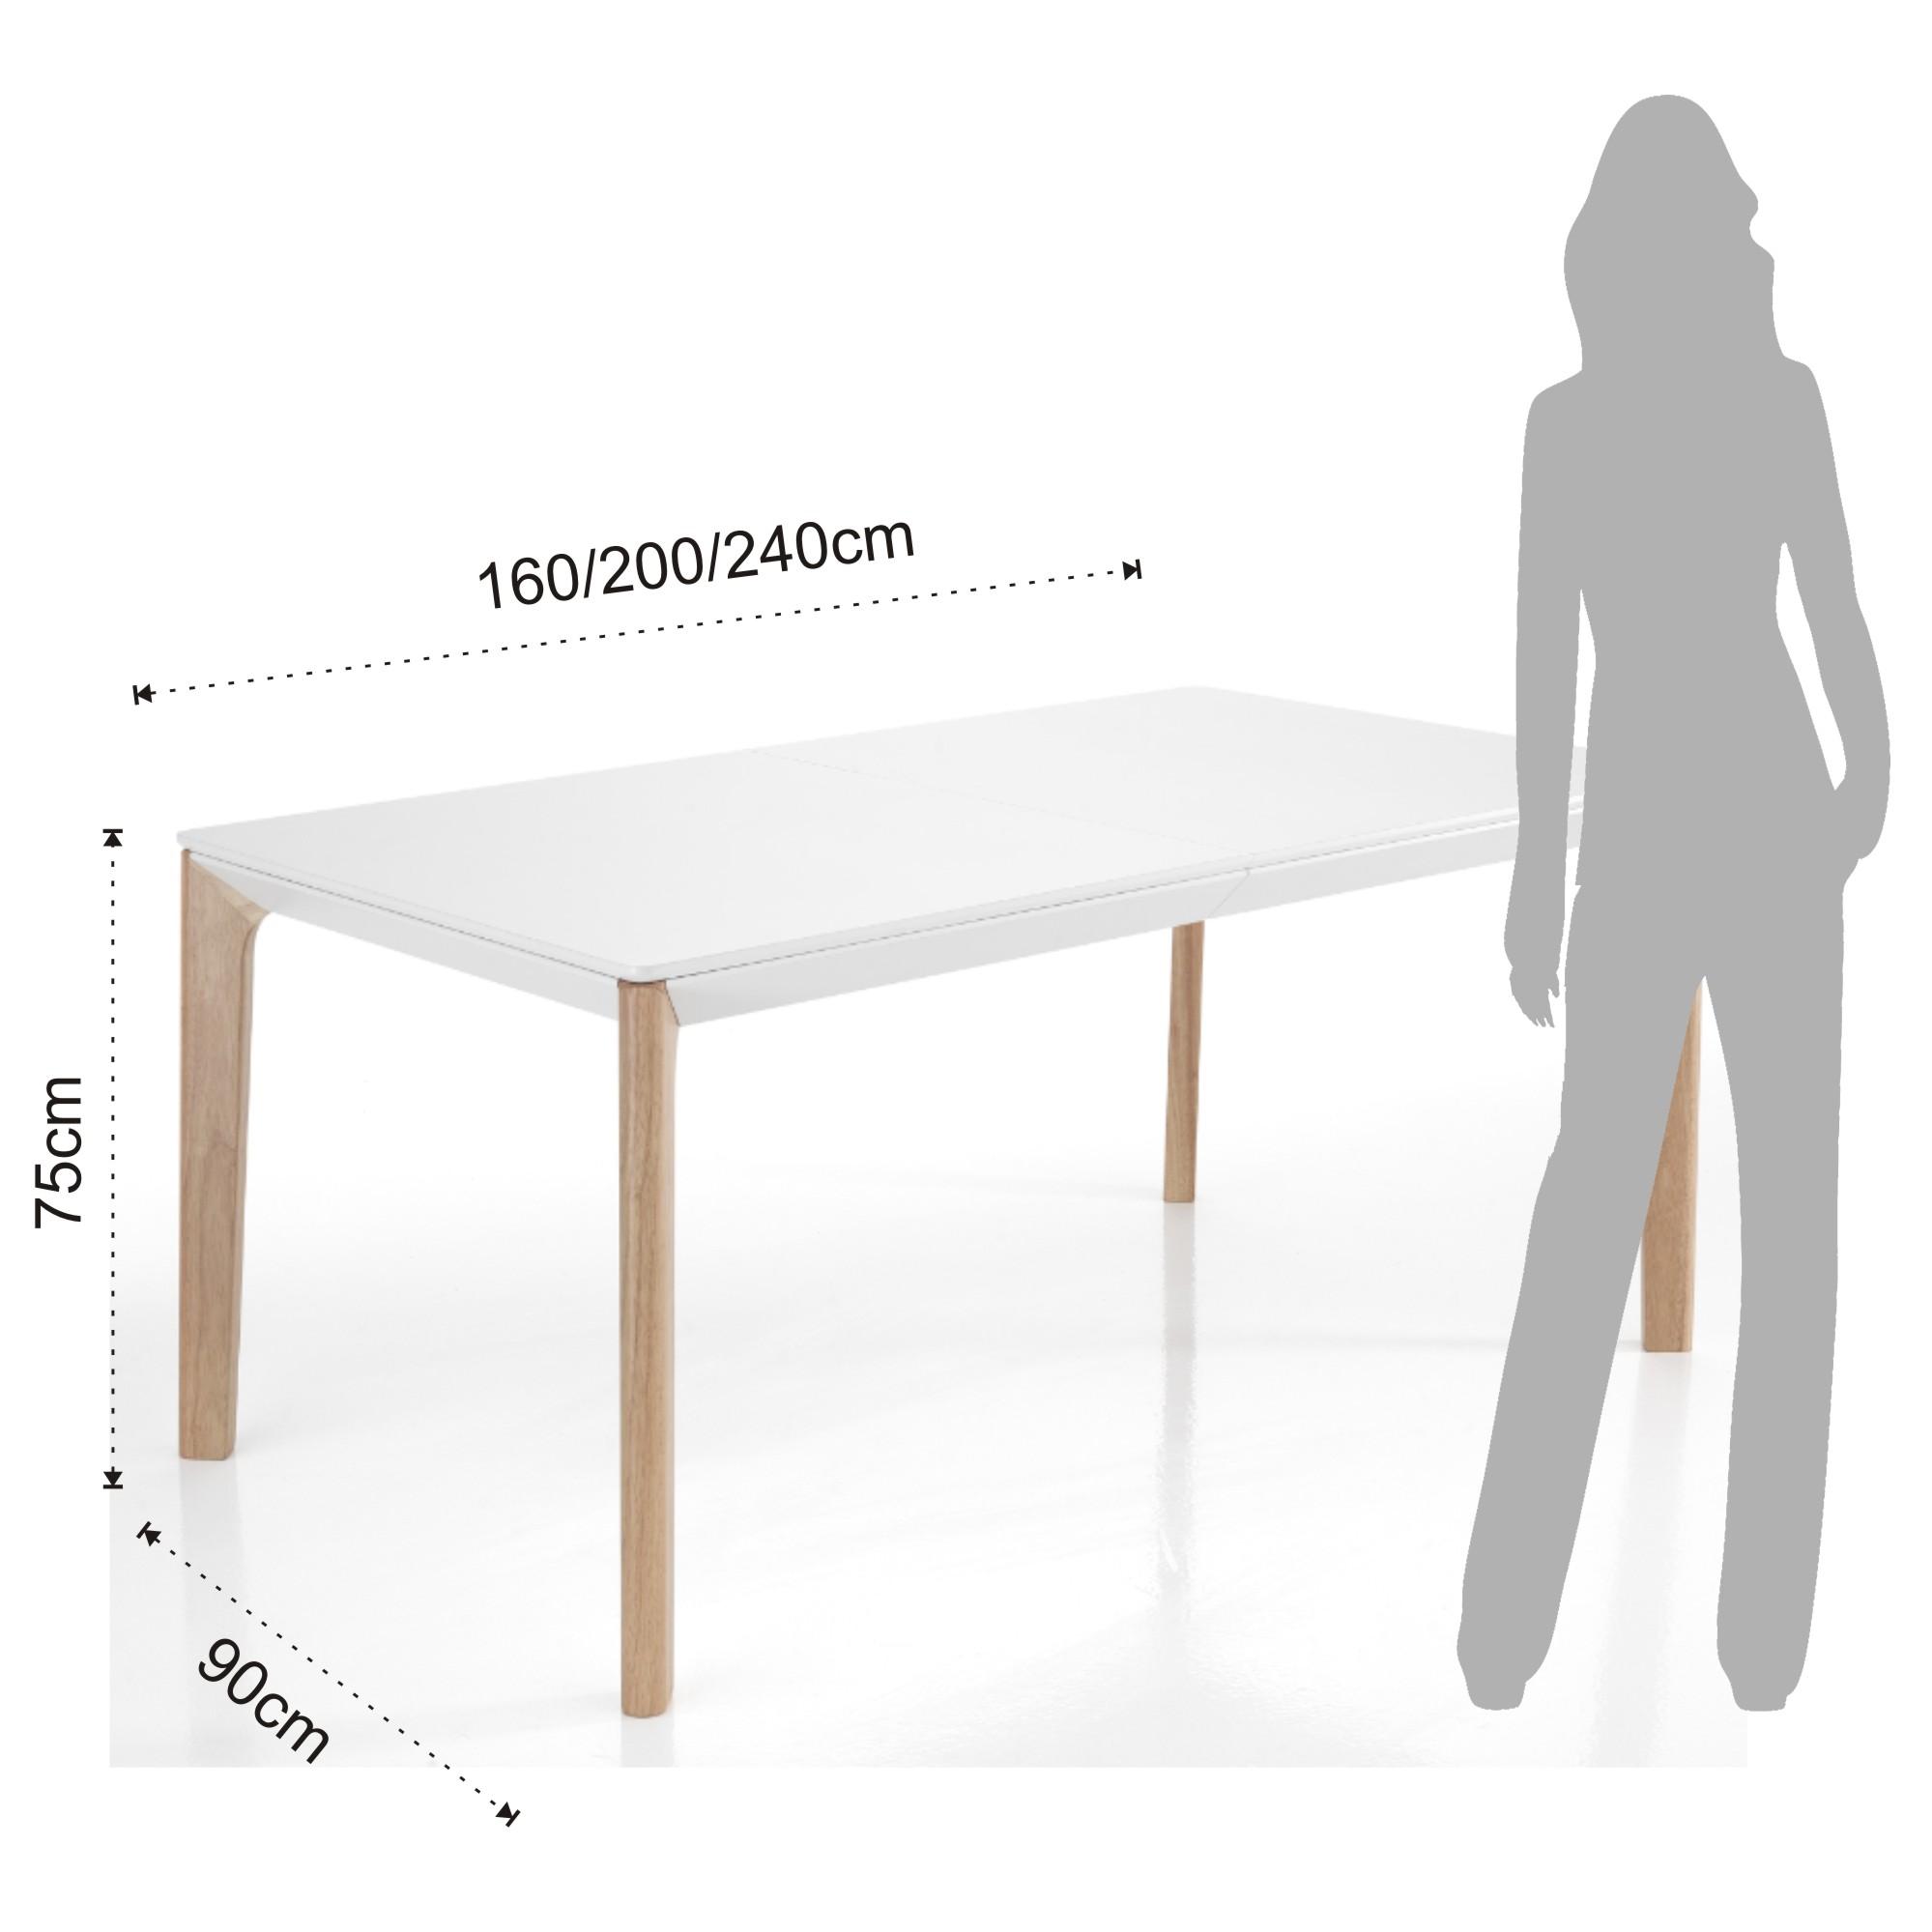 ShoesRectangular Extensible Varm Table Varm ShoesRectangular ShoesRectangular Table Extensible gy7Ybfv6